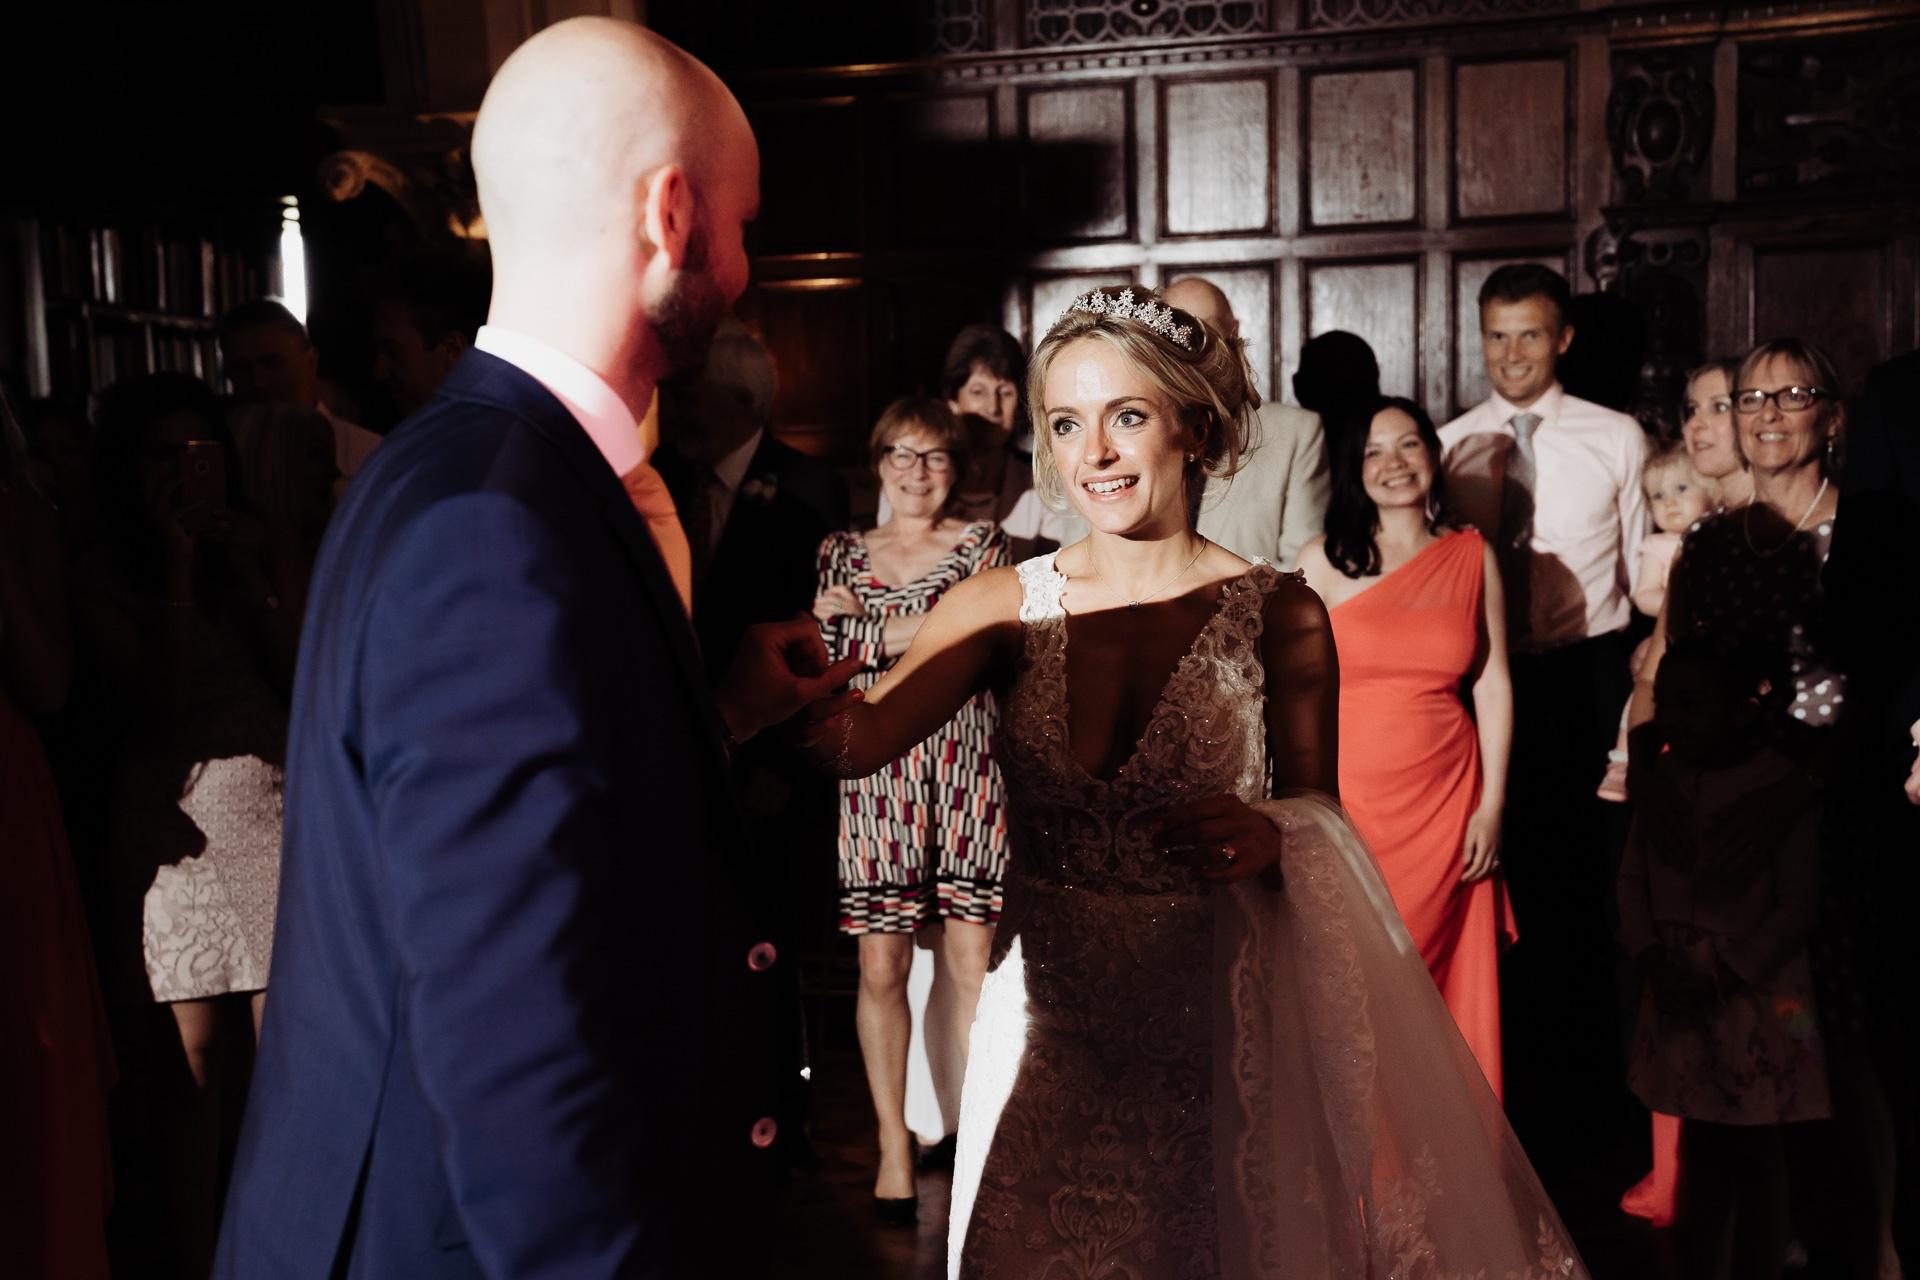 huntsham-court-wedding-photographer-062